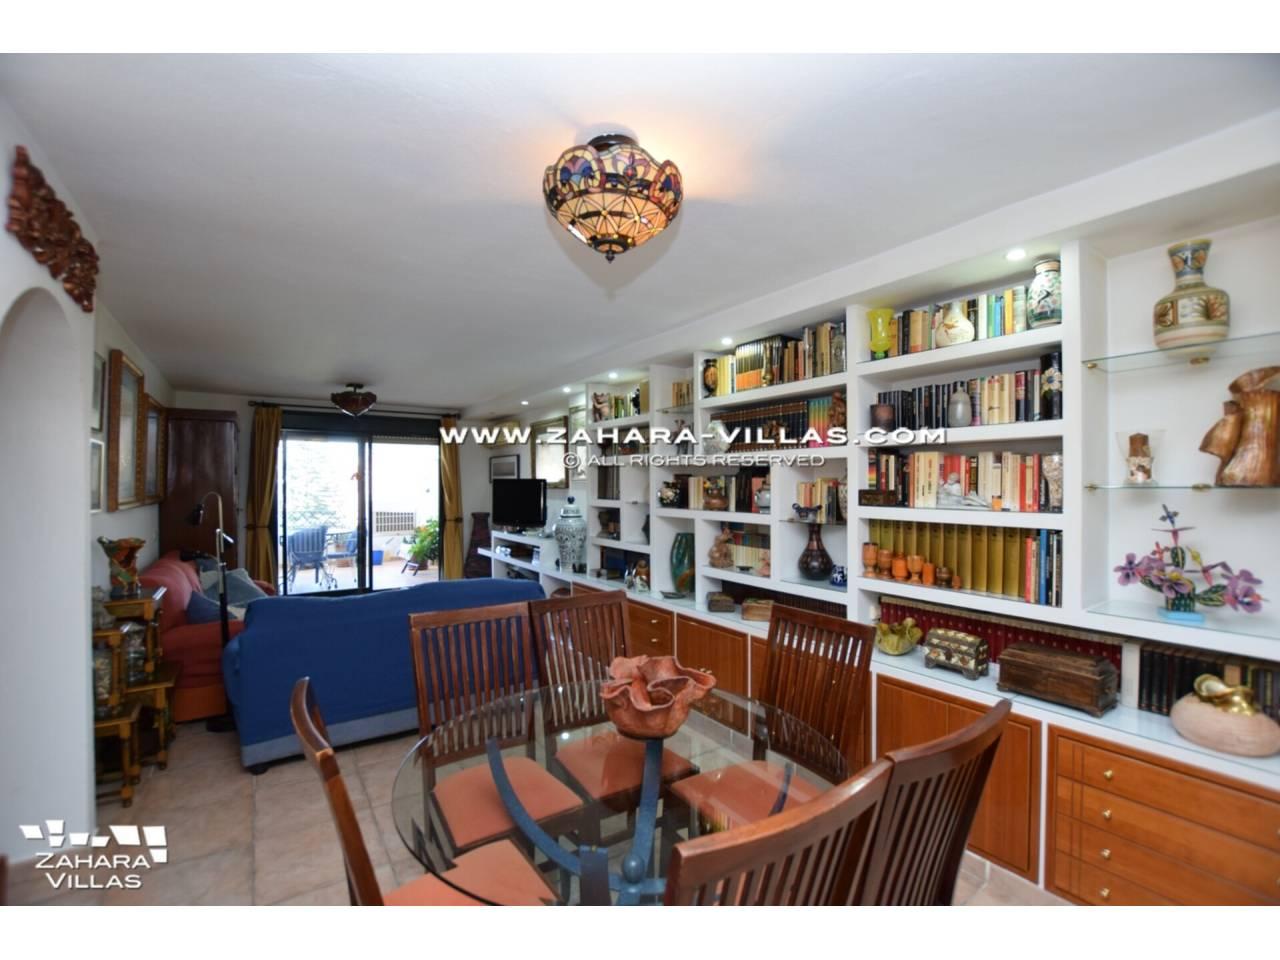 Imagen 6 de Apartamento en venta en urbanización Jardines de Zahara - Atlanterra